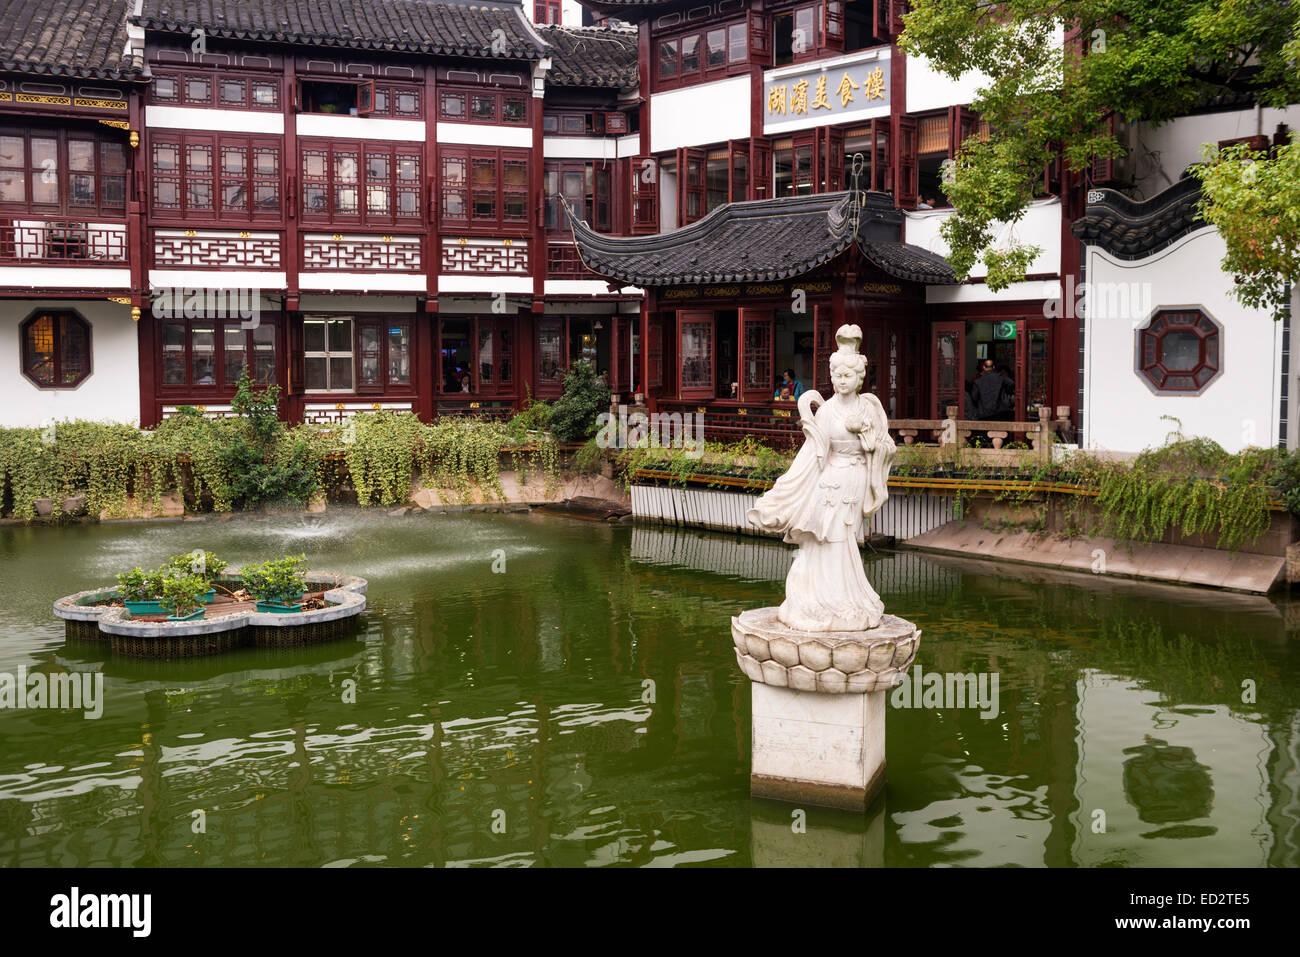 Architettura tradizionale presso la vecchia città di Shanghai, Cina Immagini Stock